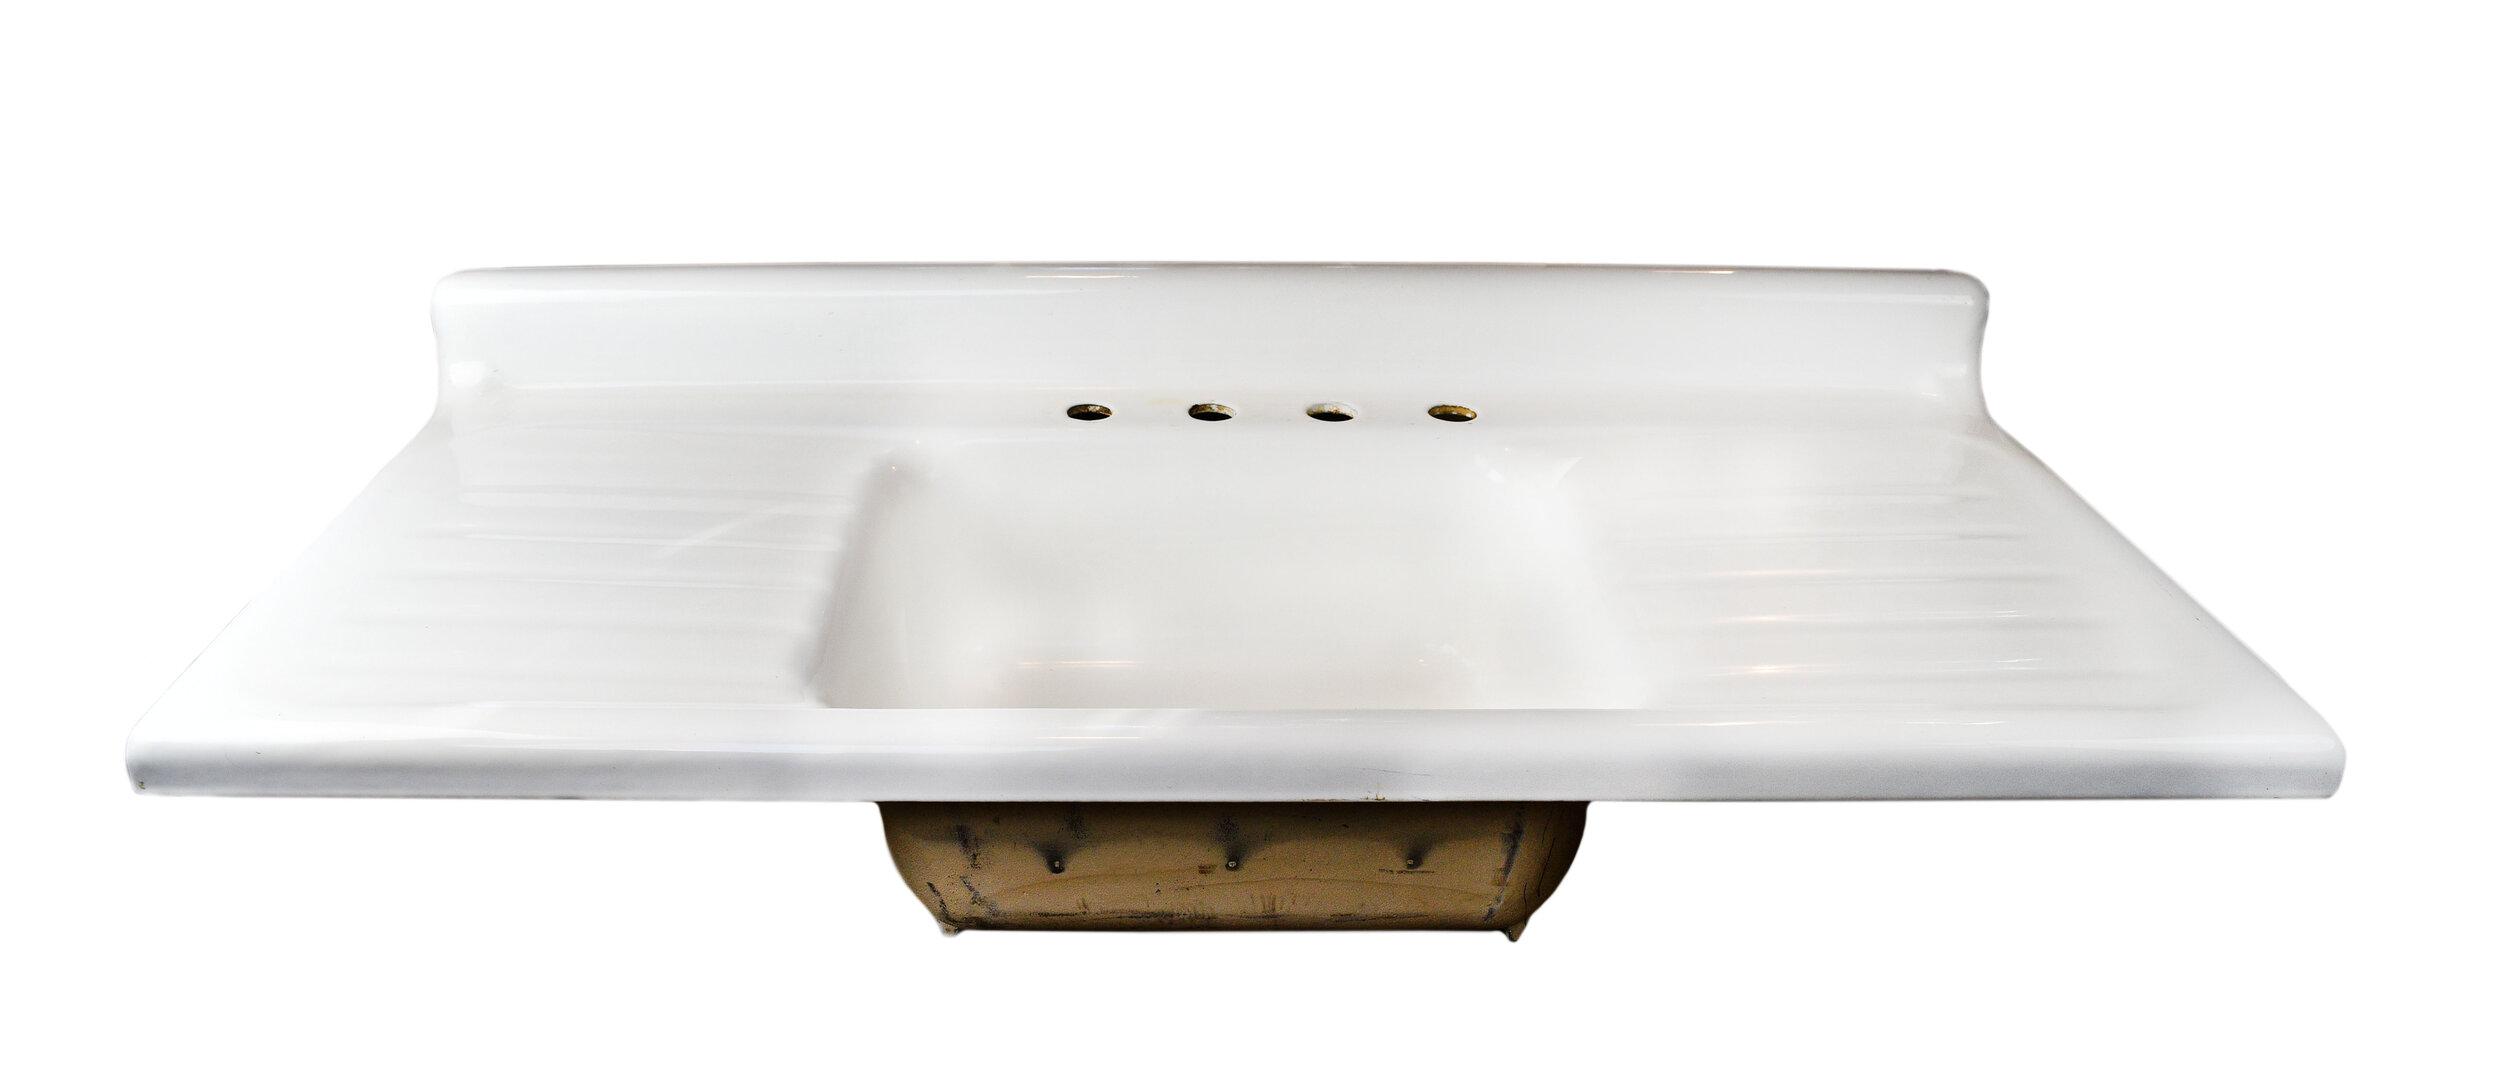 standard-double-sink-4.jpg